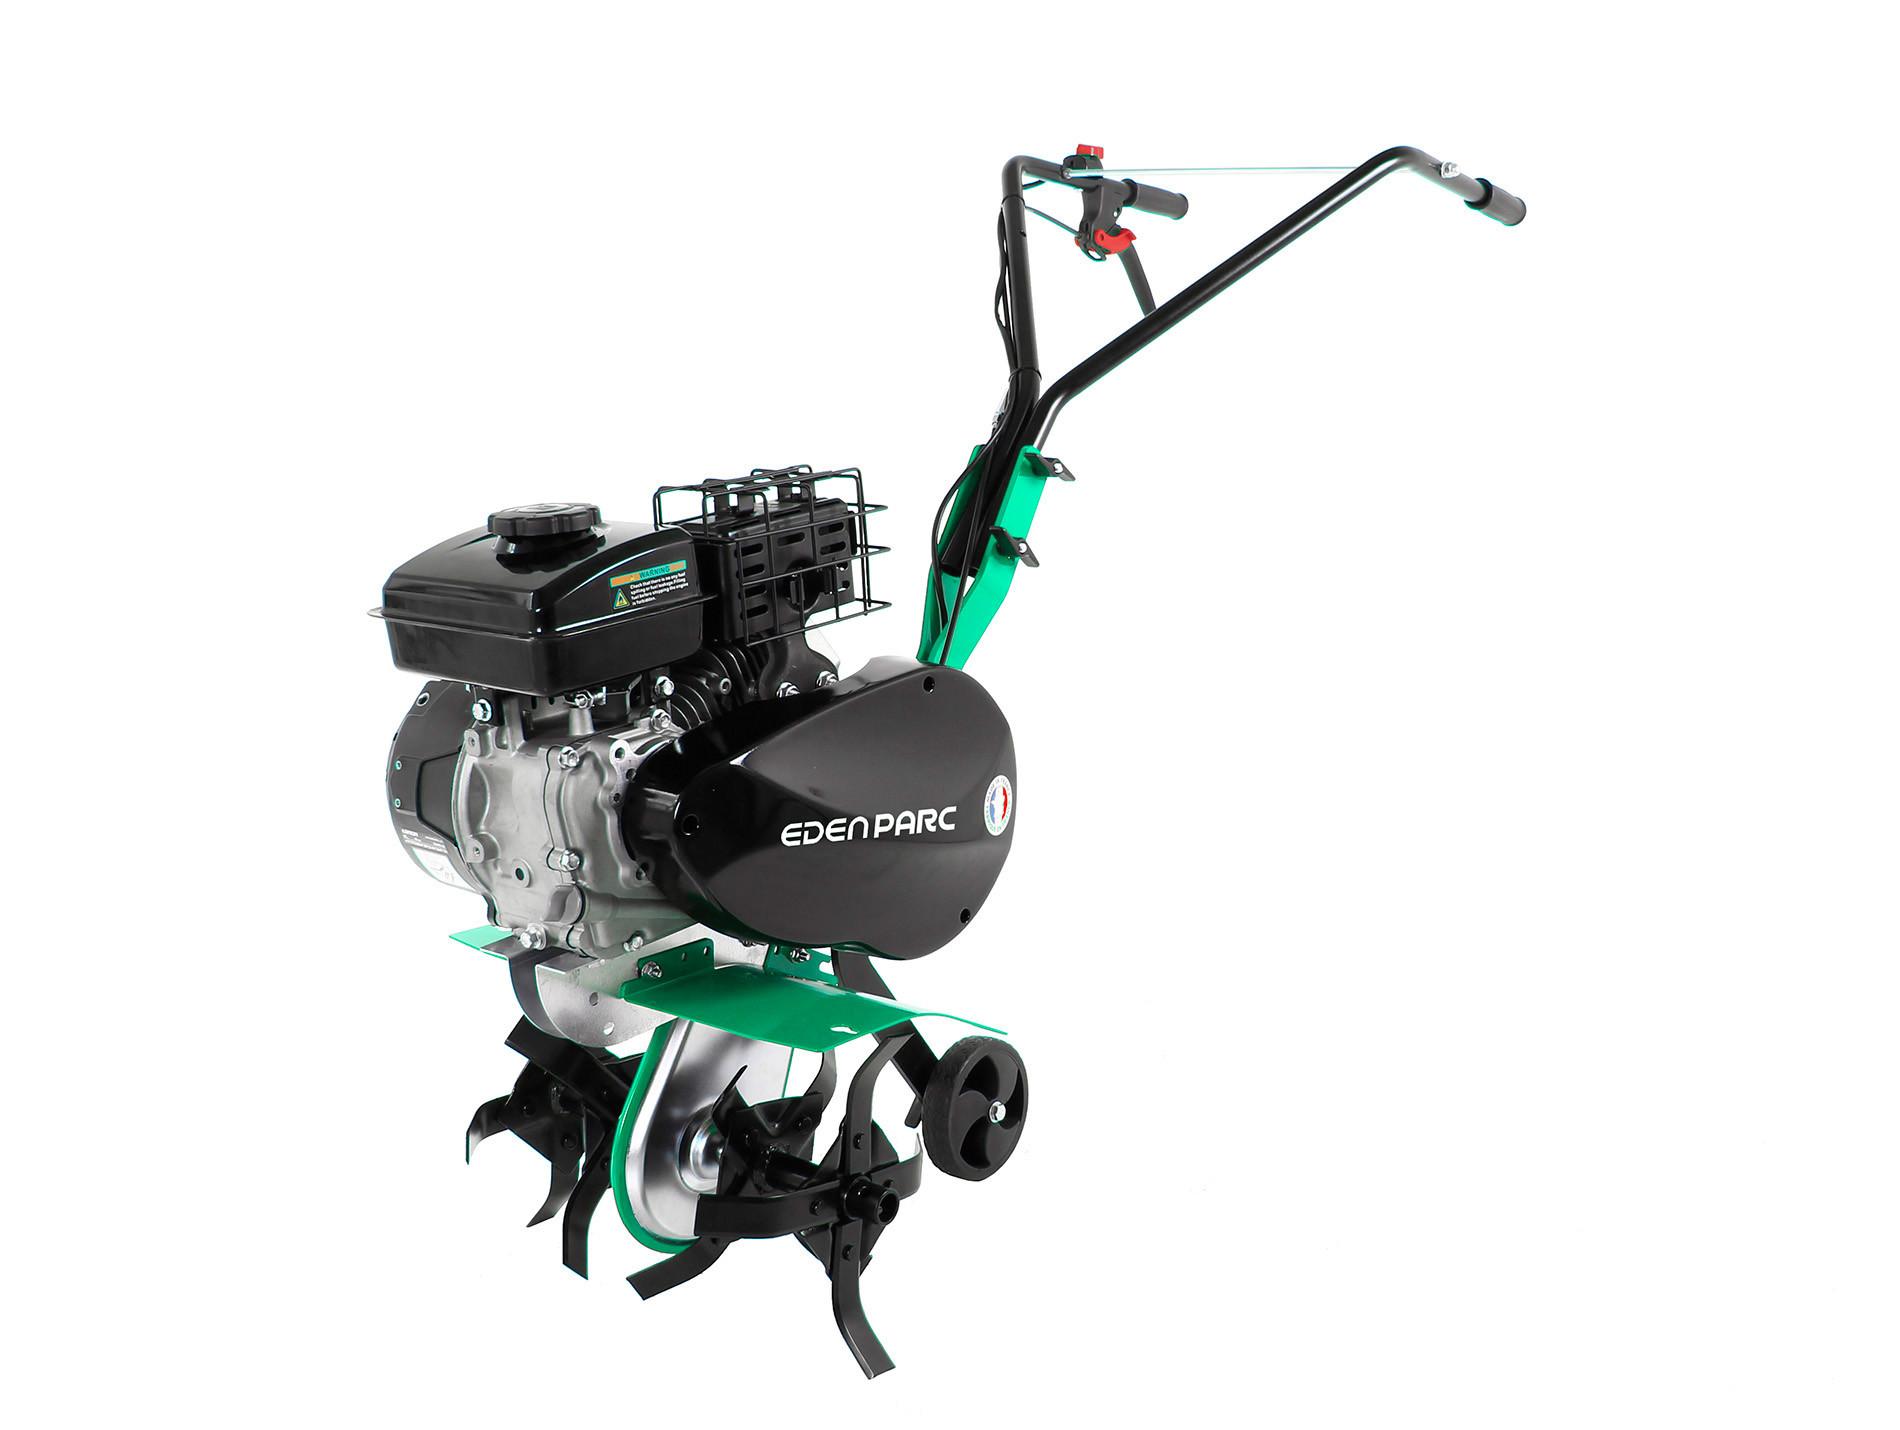 Motobineuse thermique EDEN PARC MBR80